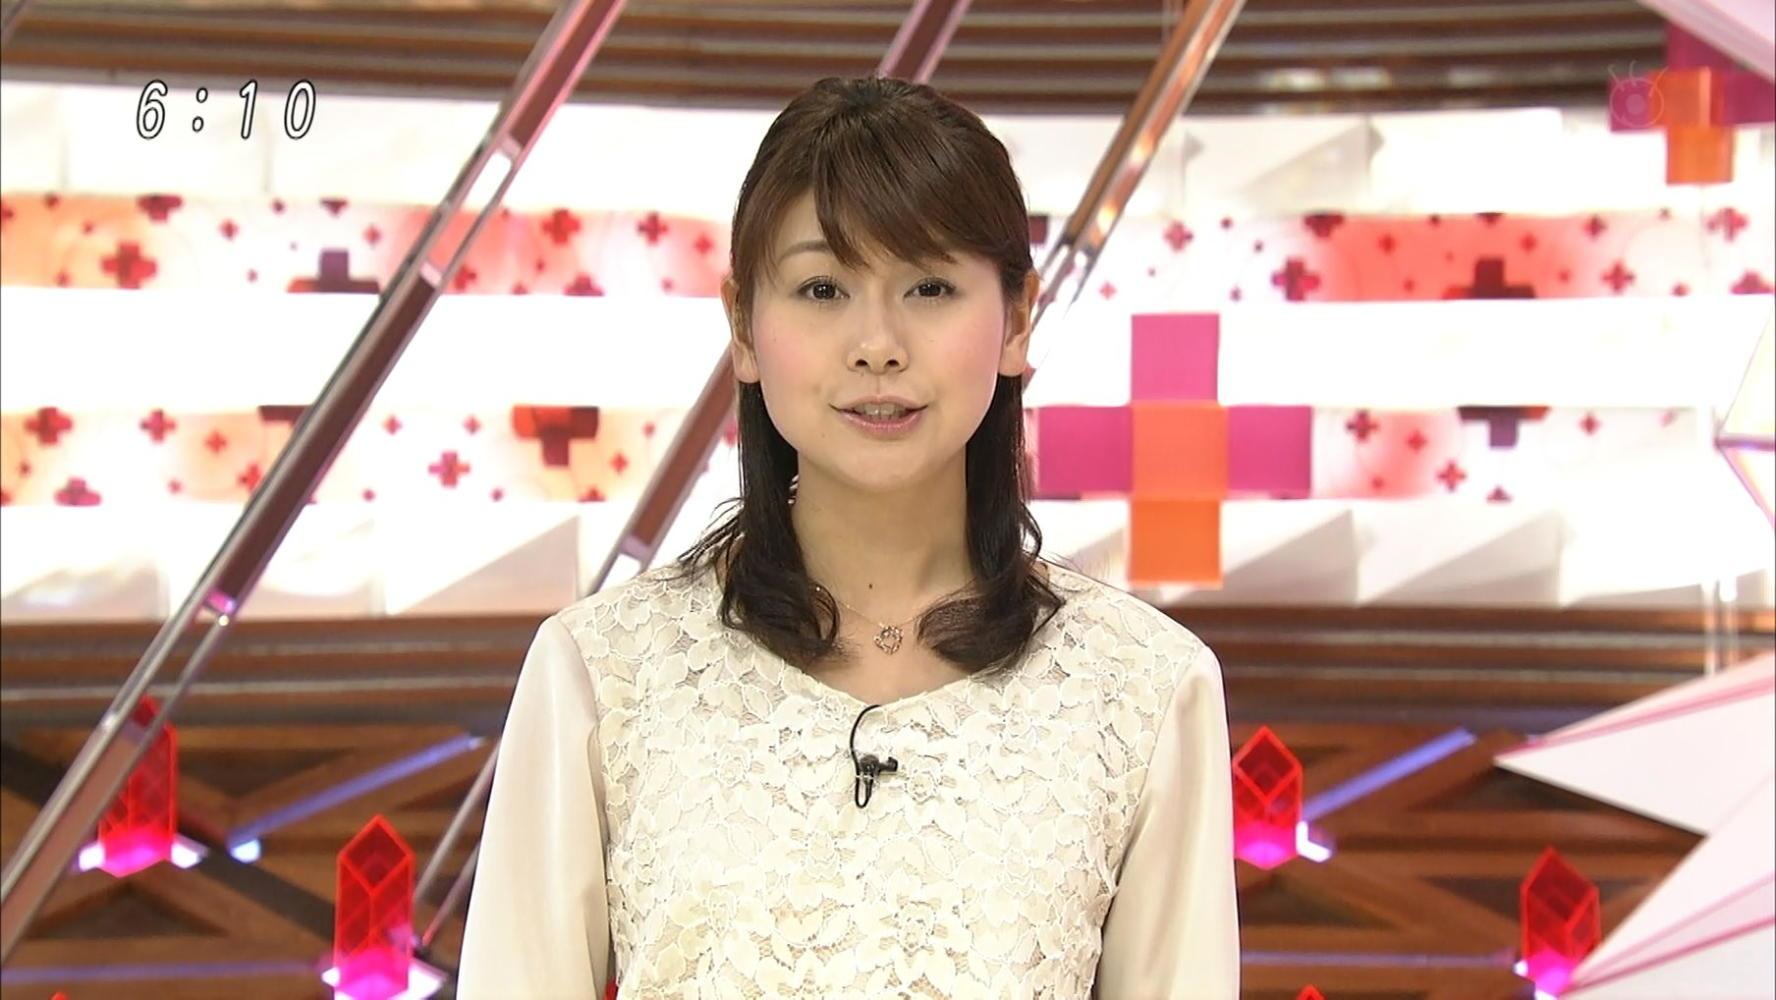 山中章子 via 山中章子 産経テレニュースFN...